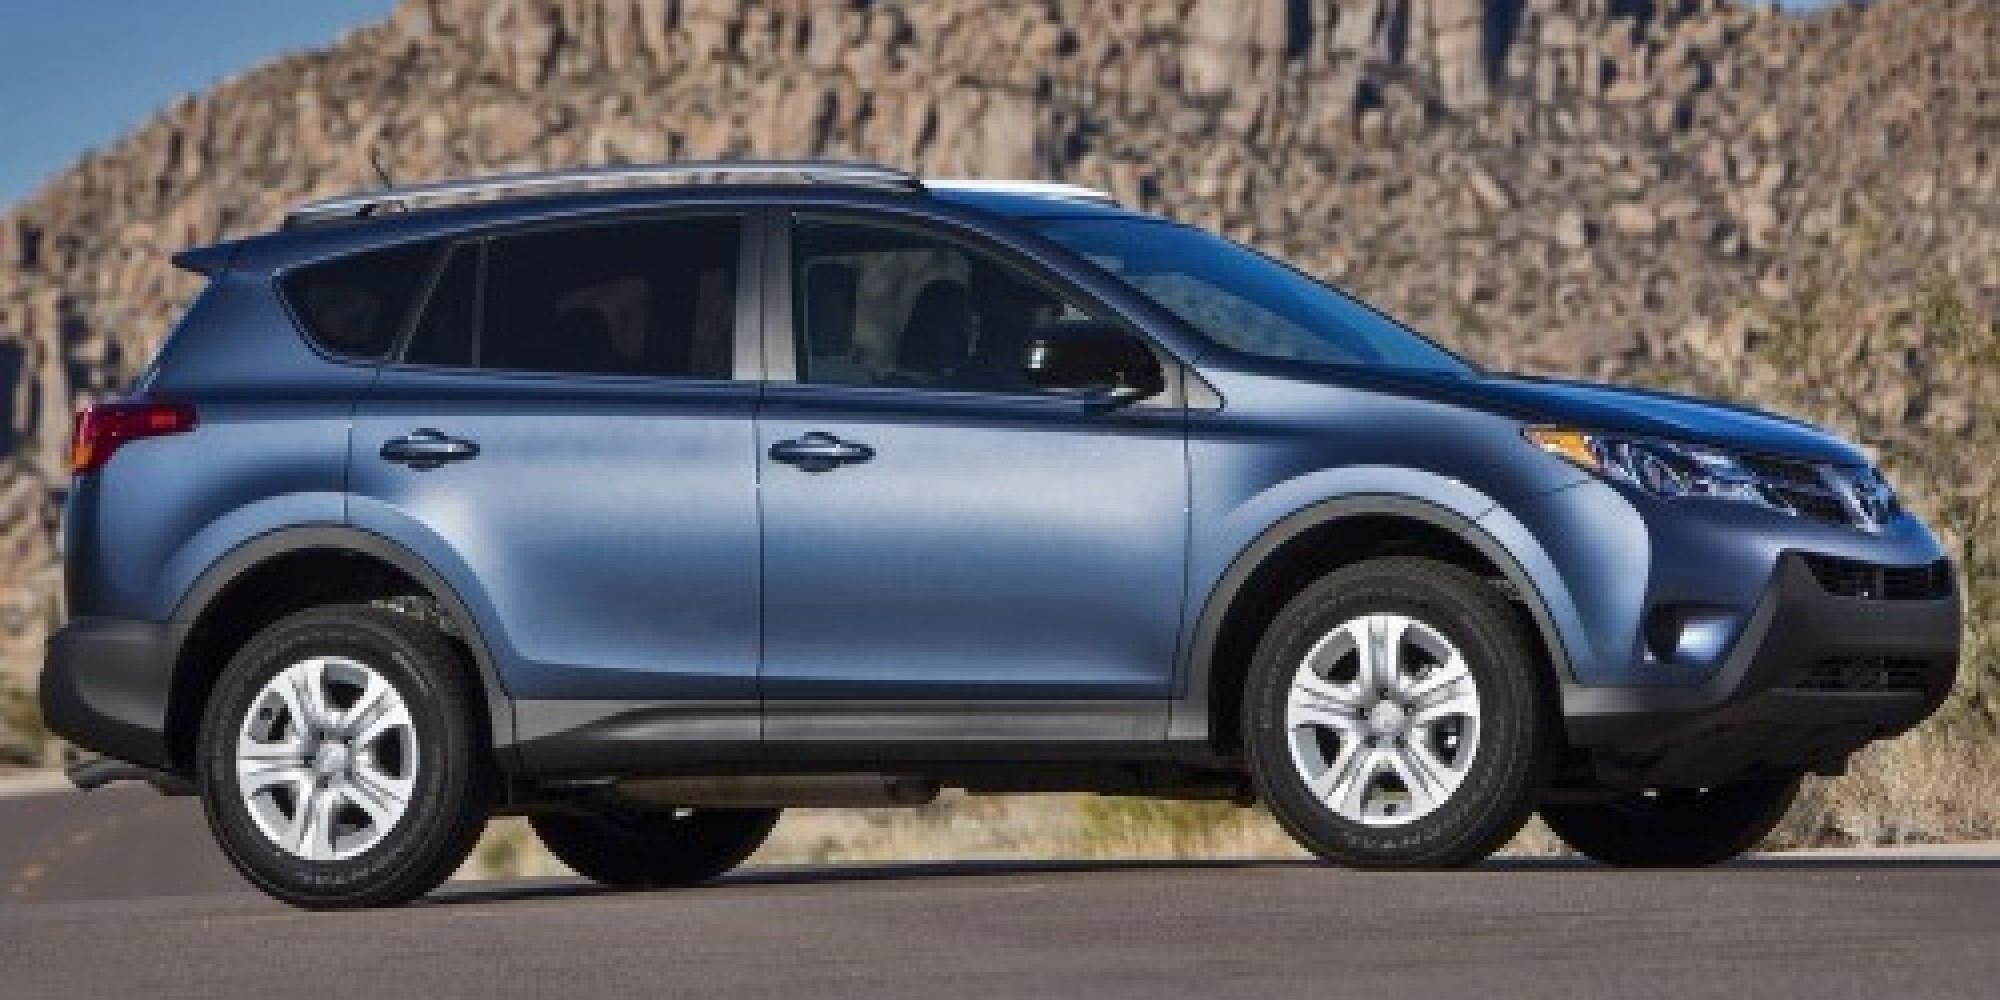 Toyota RAV4 2014, prueba de 2500 millas (VIDEO, FOTOS) | The Huffington Post